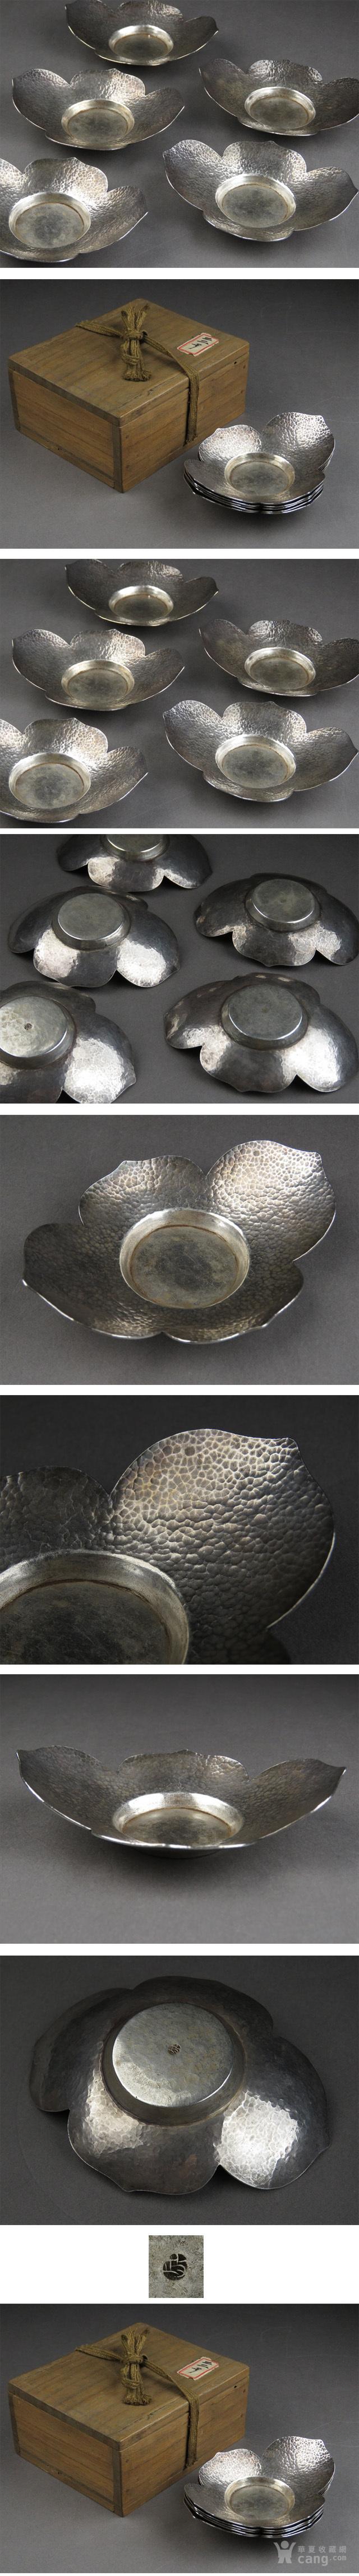 033日本银茶道托盘-中古造-纯银鎚目花型茶托五客图2